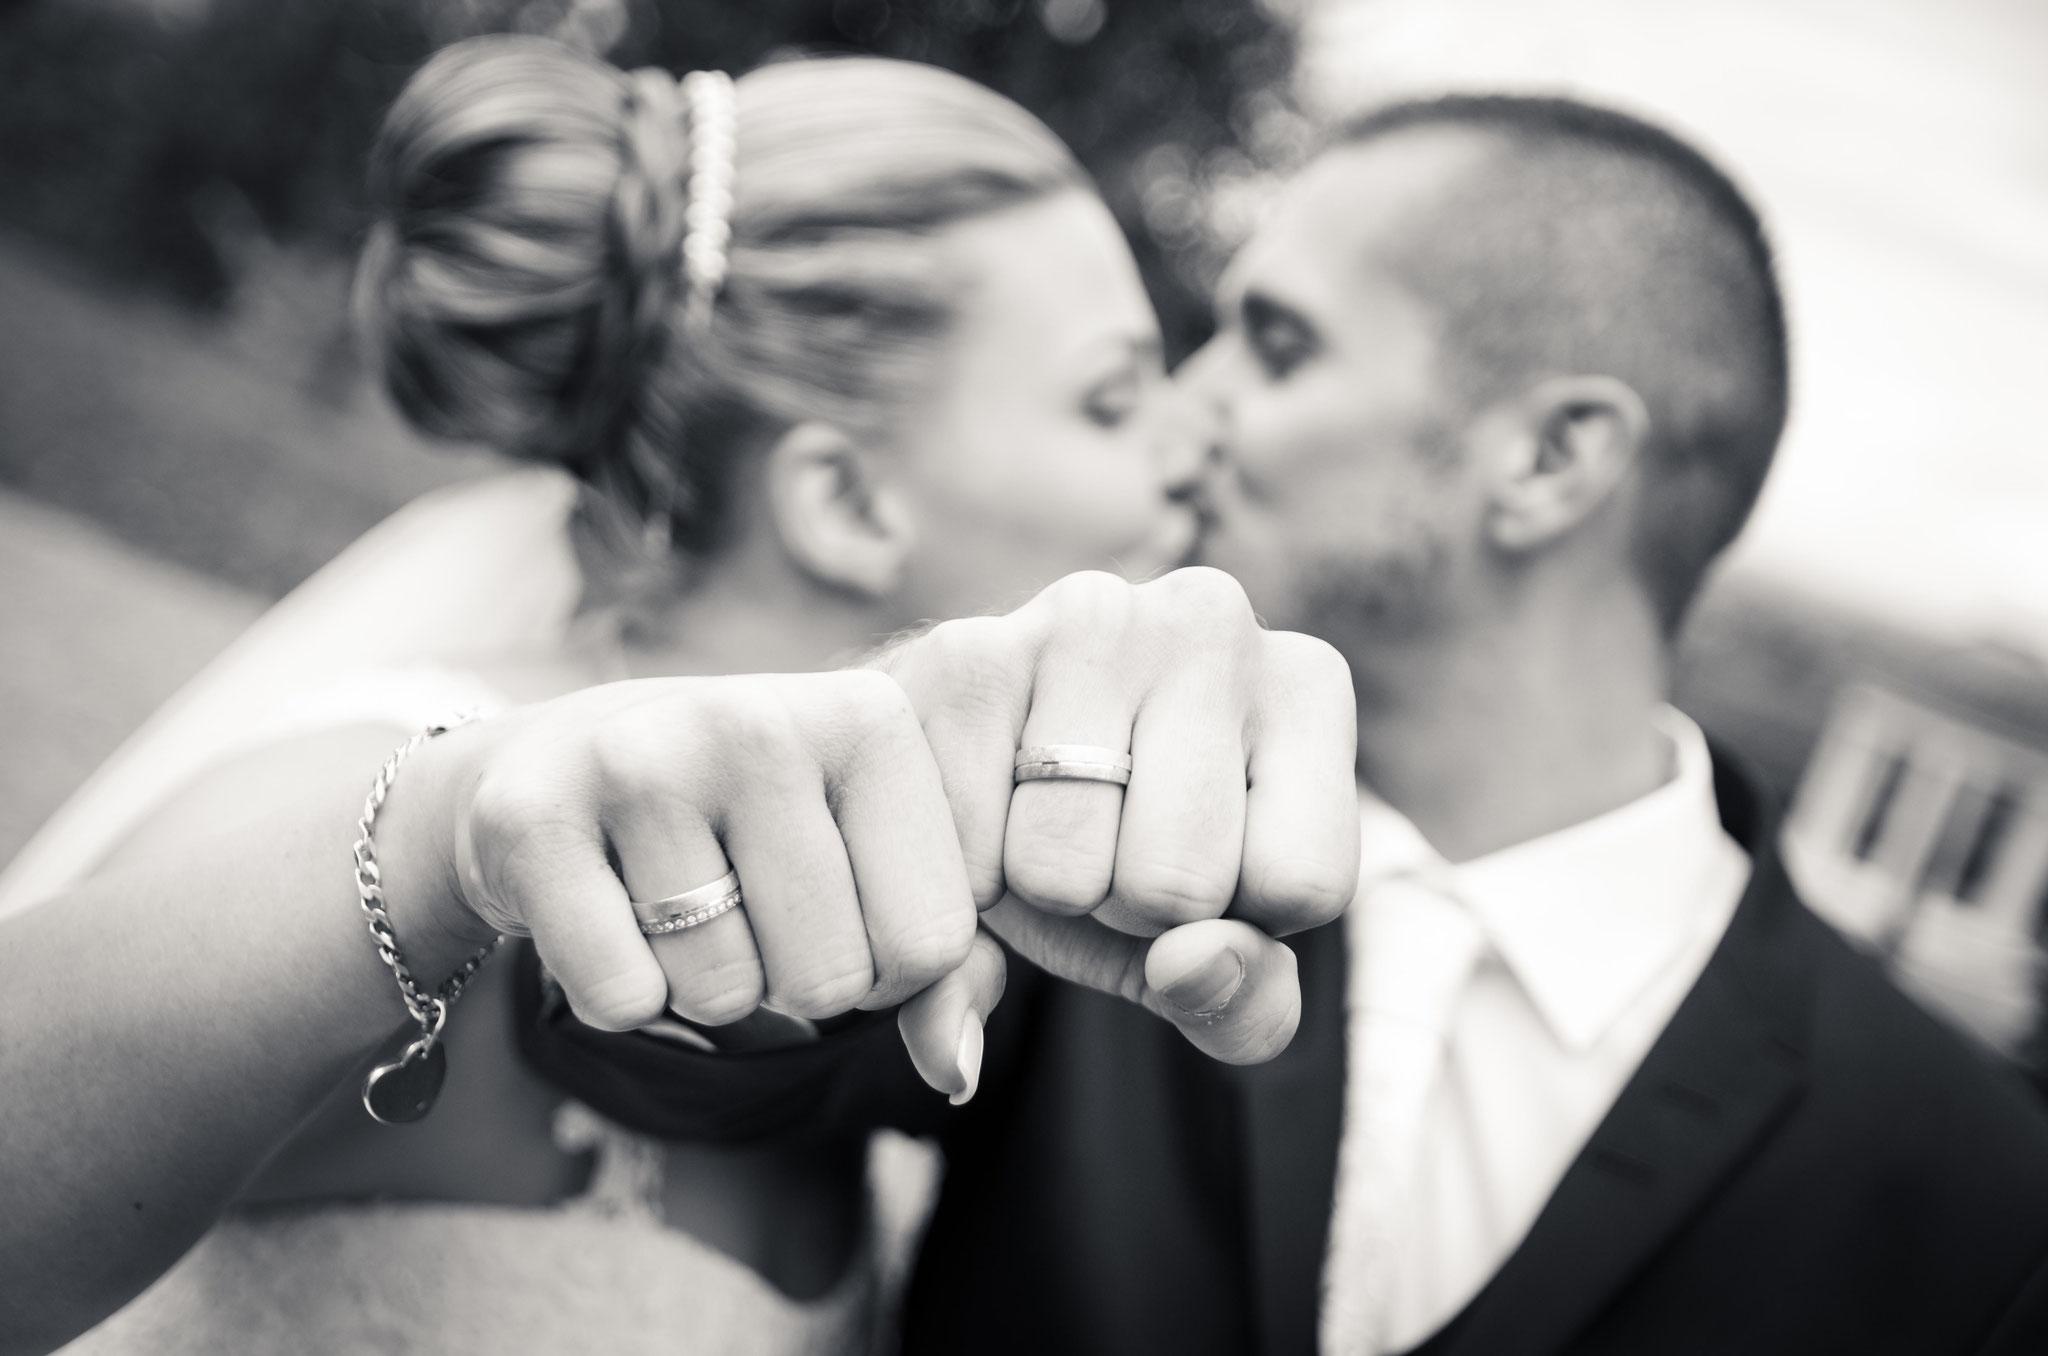 Hochzeitsfotograf Karlsruhe Daniel Keller / Paar mit Eheringe